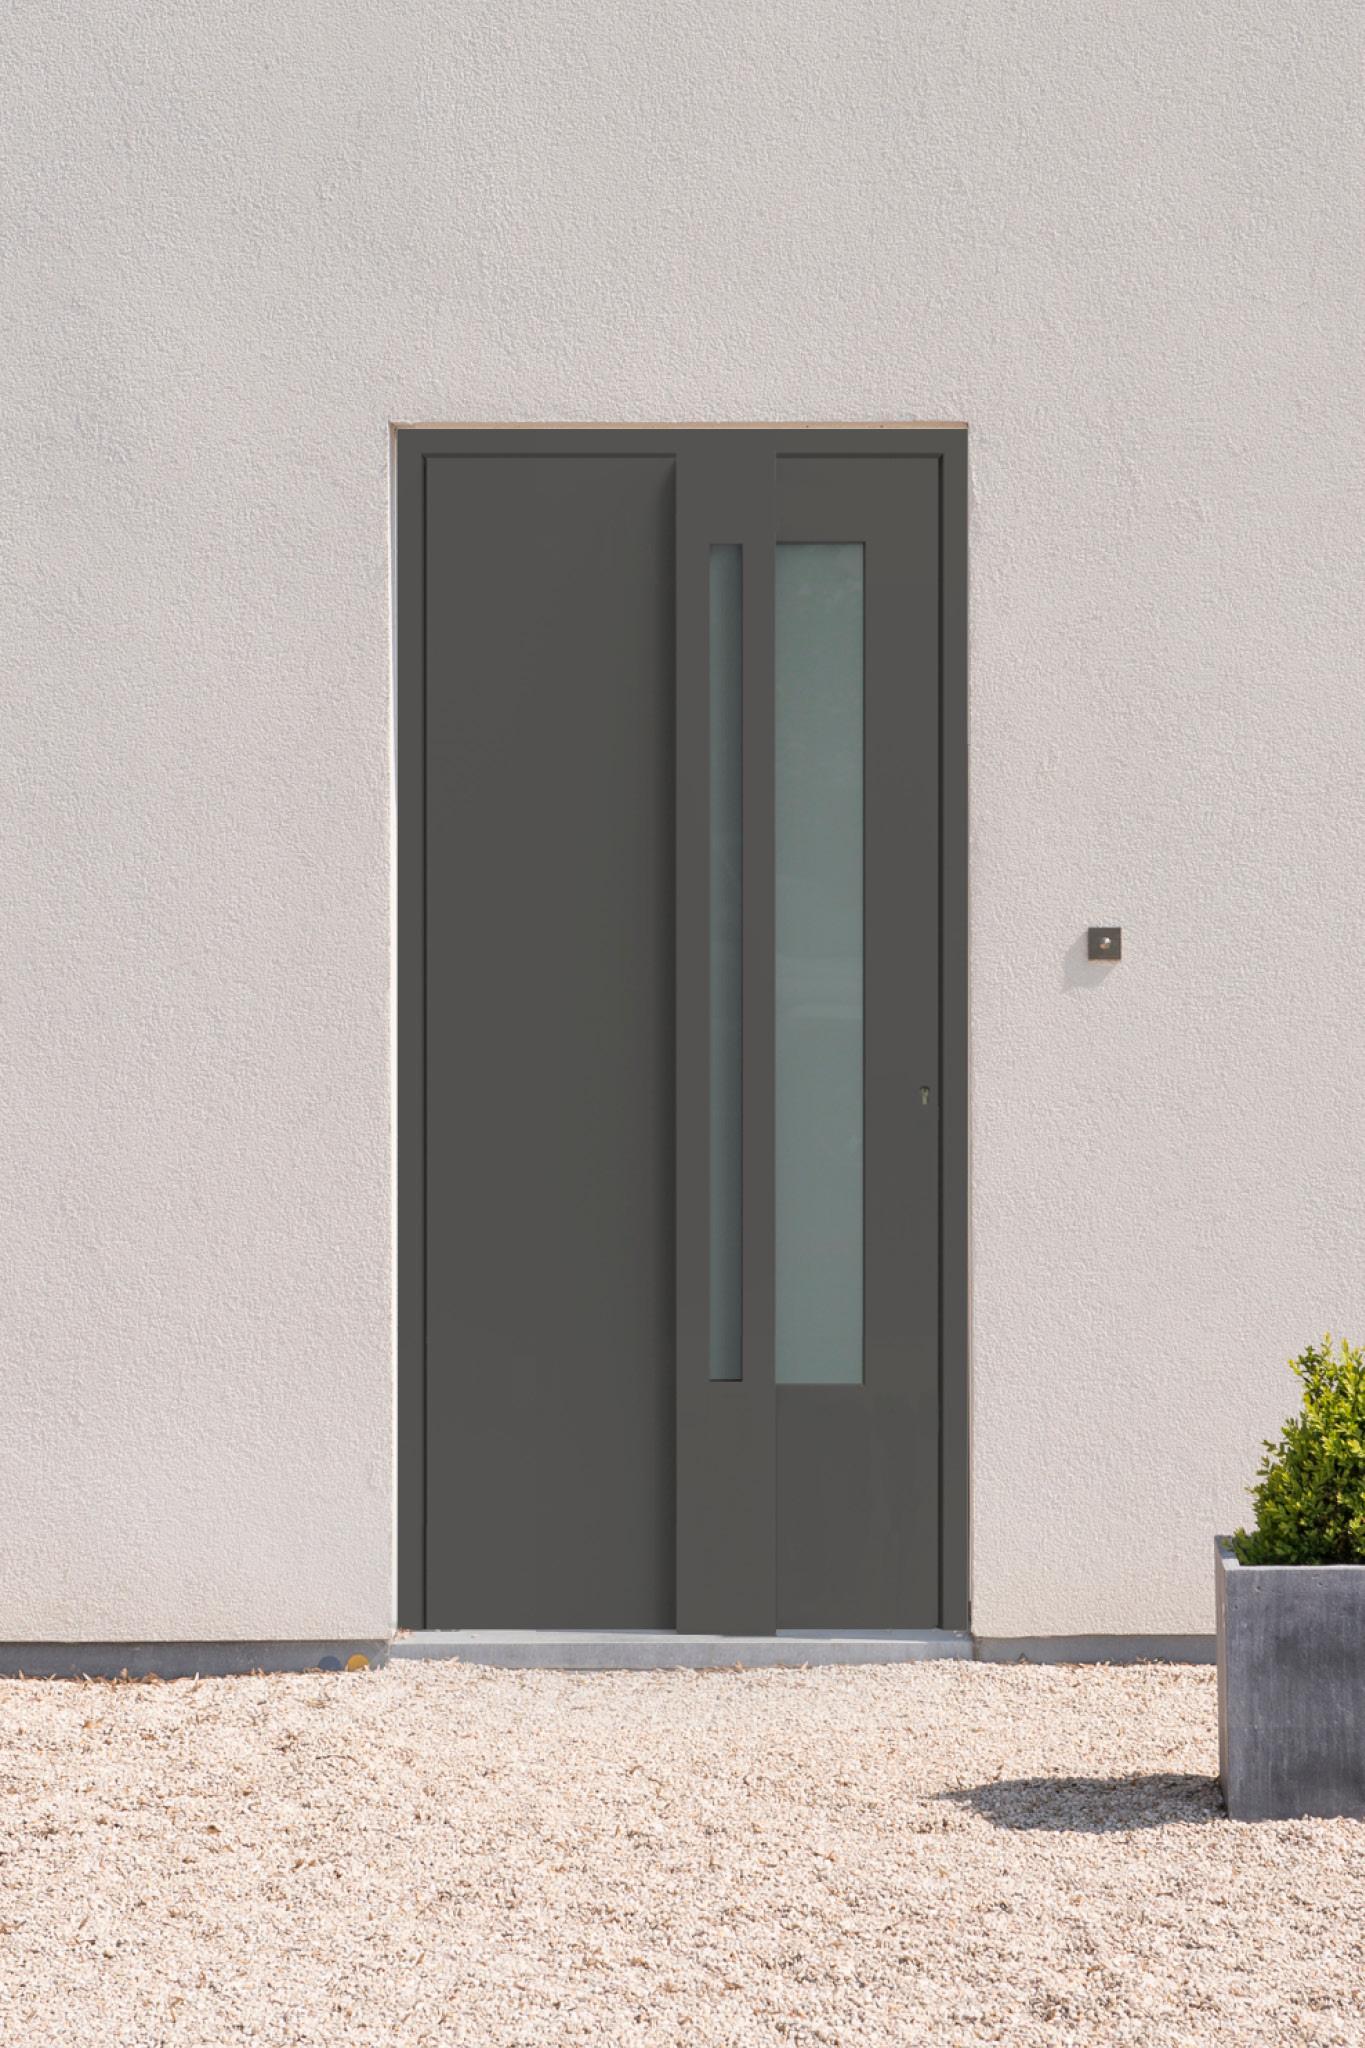 Porte d'entrée de maison : Voici la gamme Minimal